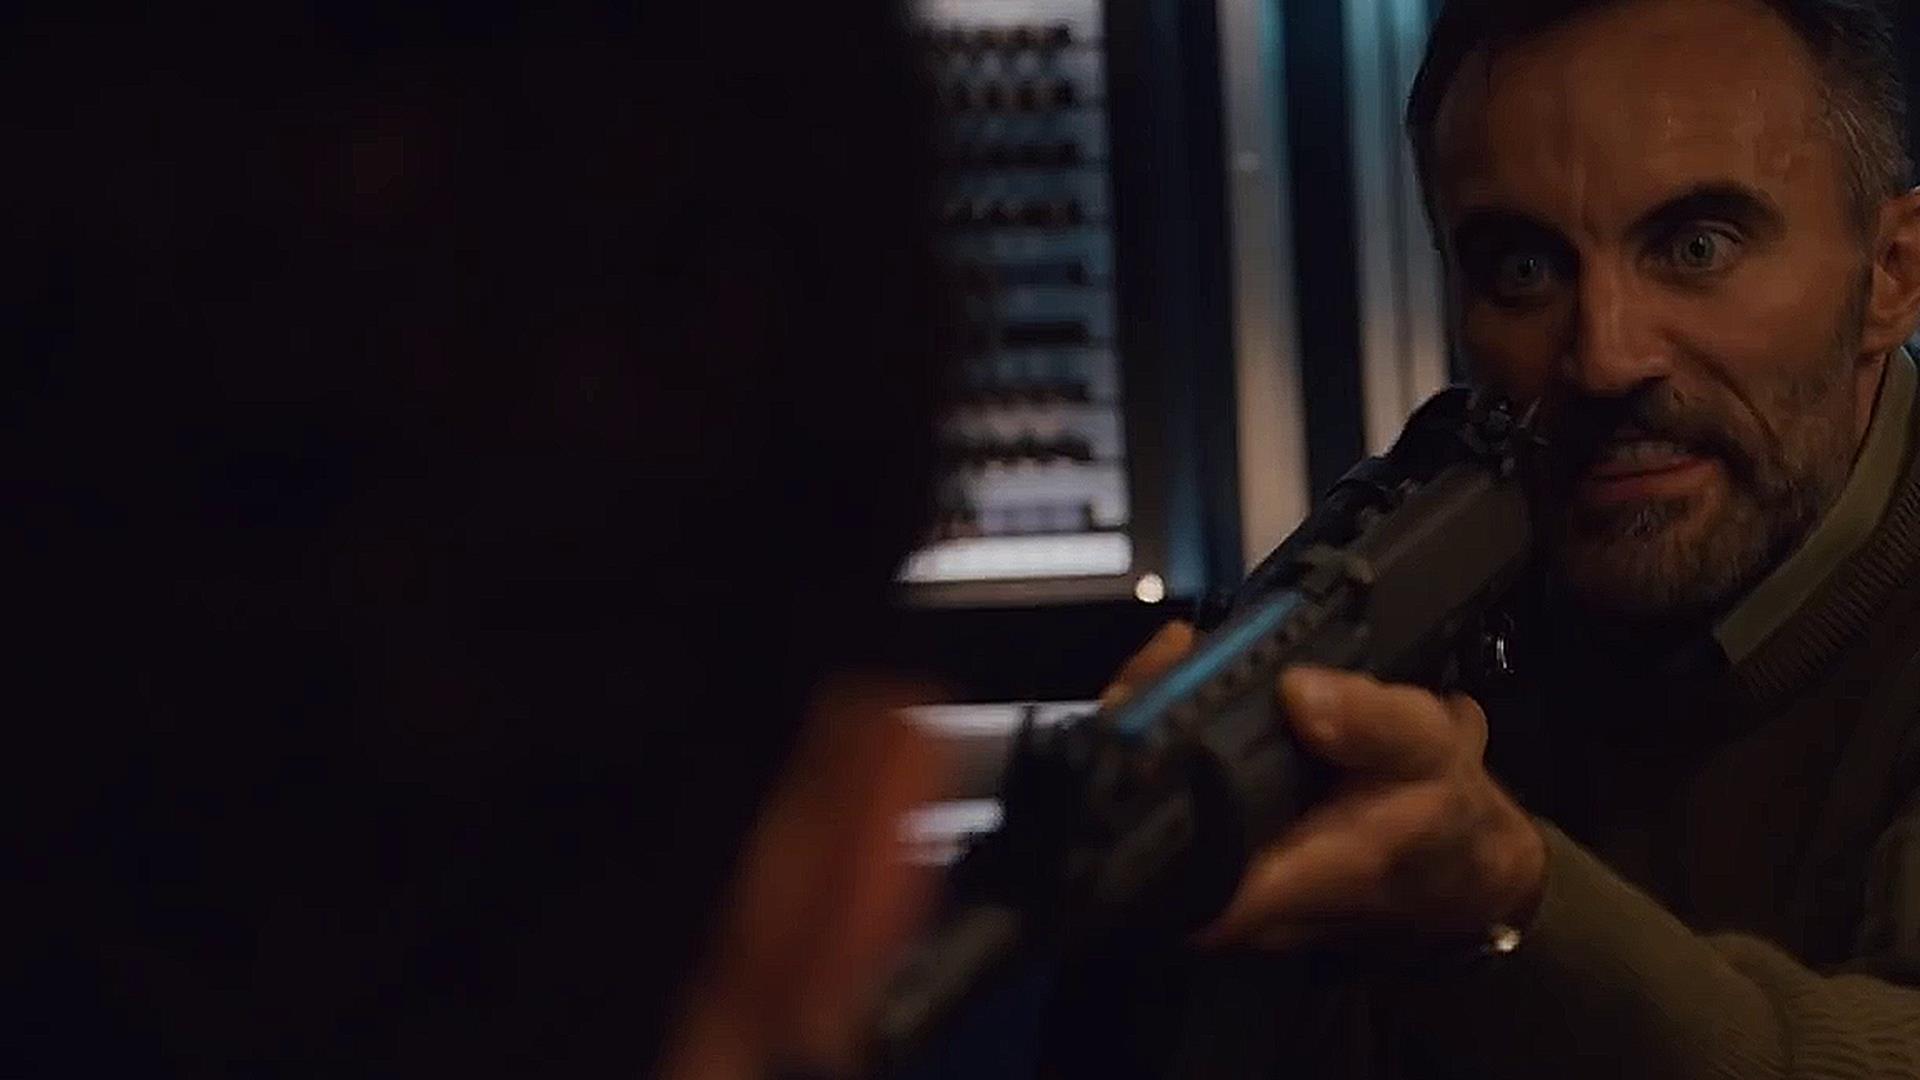 Il sole uccide nel teaser di Into The Dark, la serie Netflix scritta dal produttore di Narcos